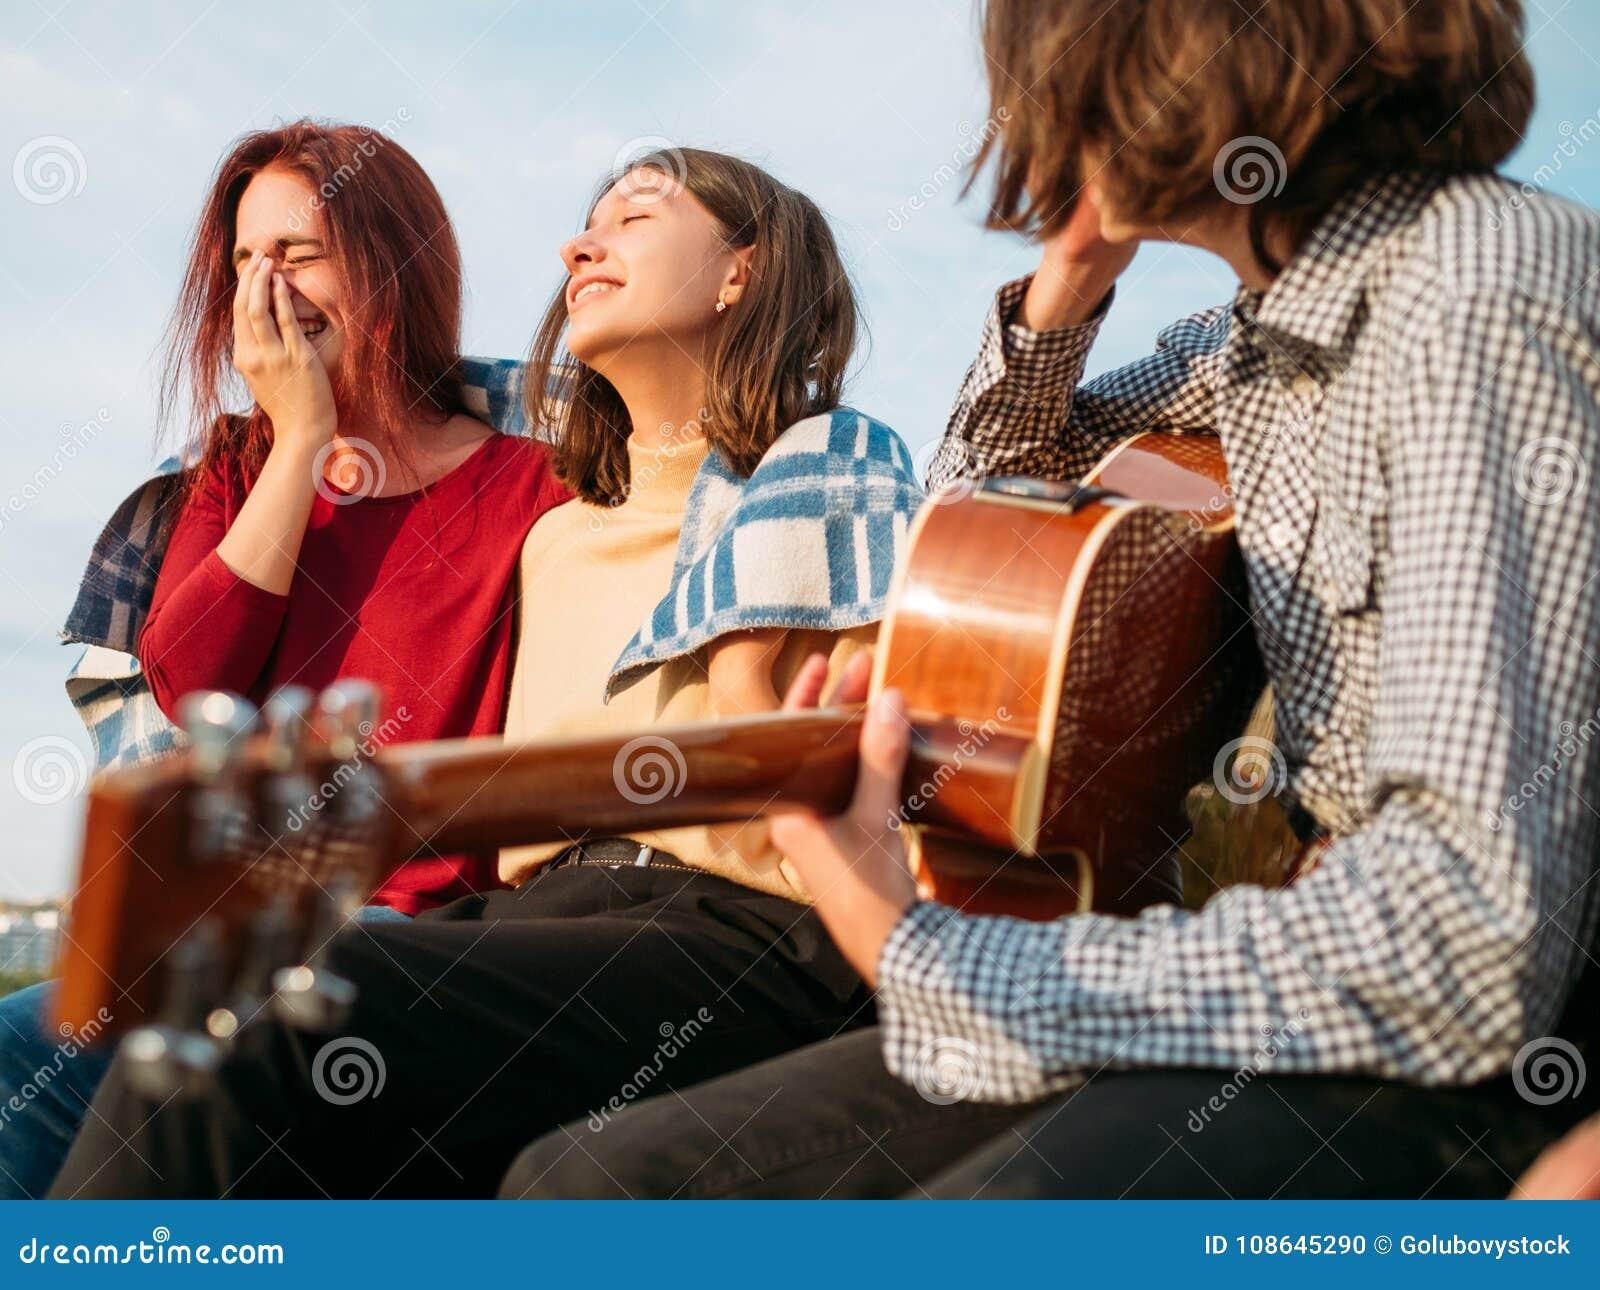 Les loisirs de la jeunesse insouciants apprécient détendent des spiritueux gratuits